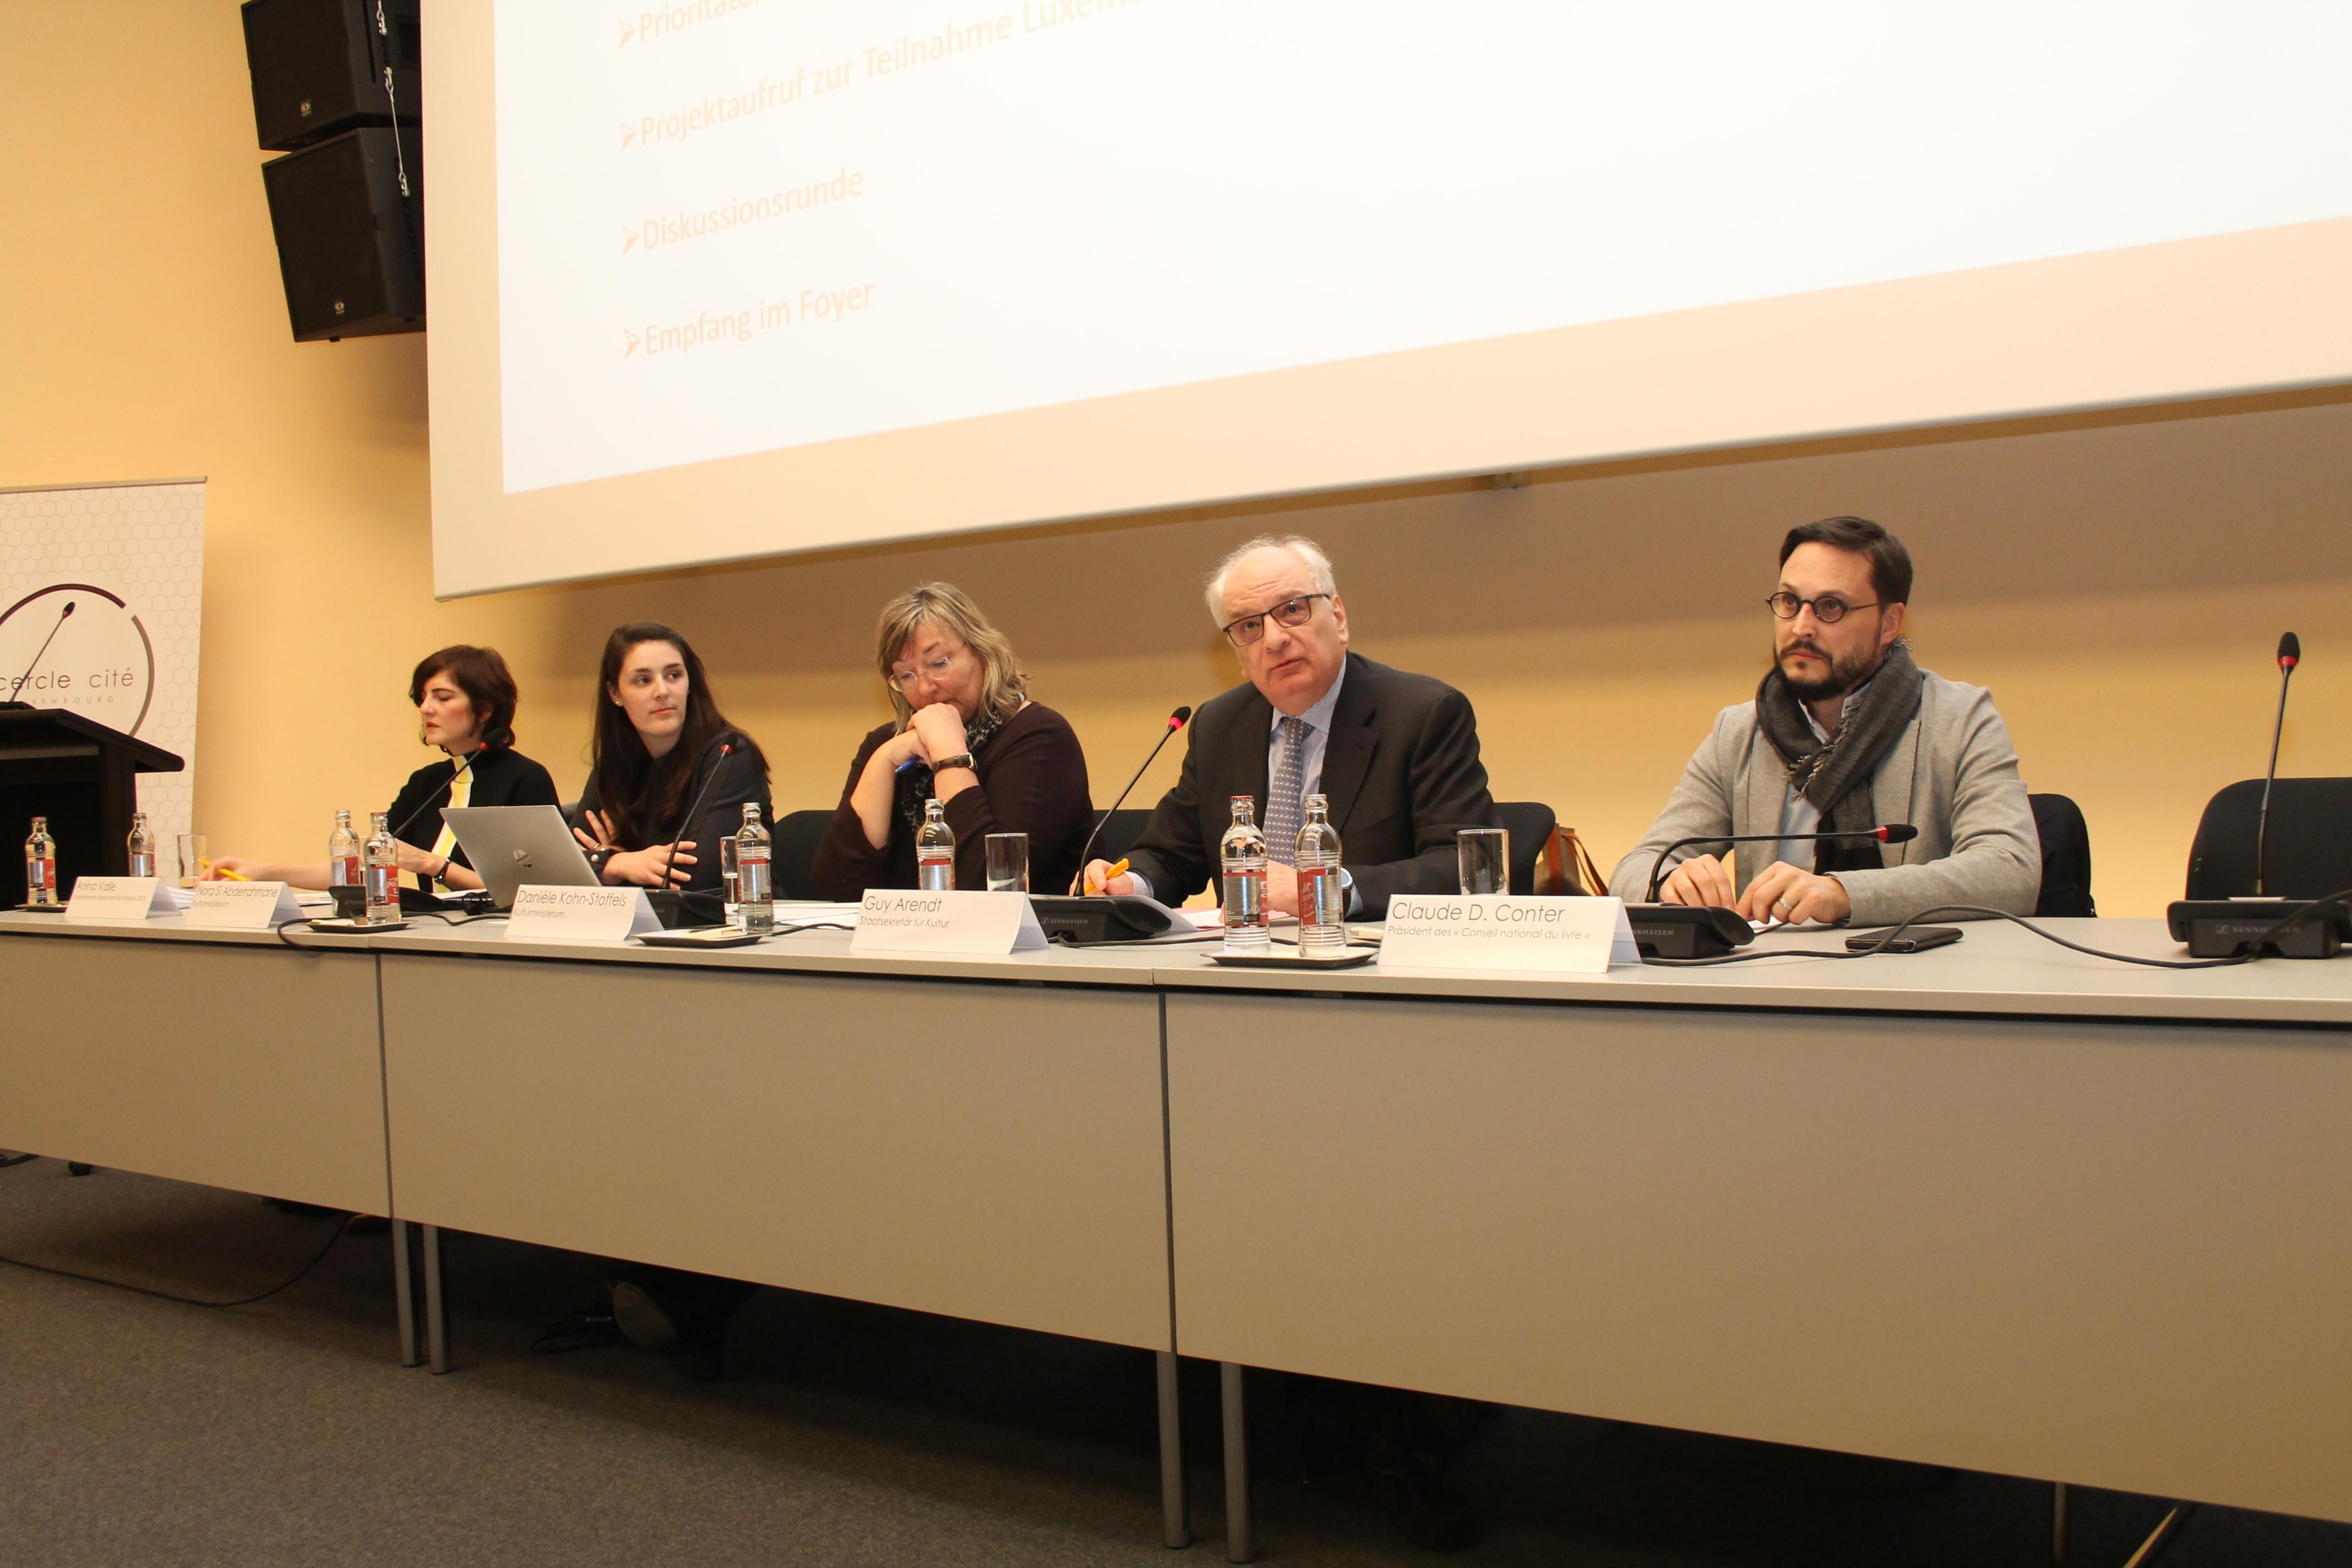 Teilnahme Luxemburgs an der Frankfurter Buchmesse, Projektaufruf und Einsatz einer Koordinatorin